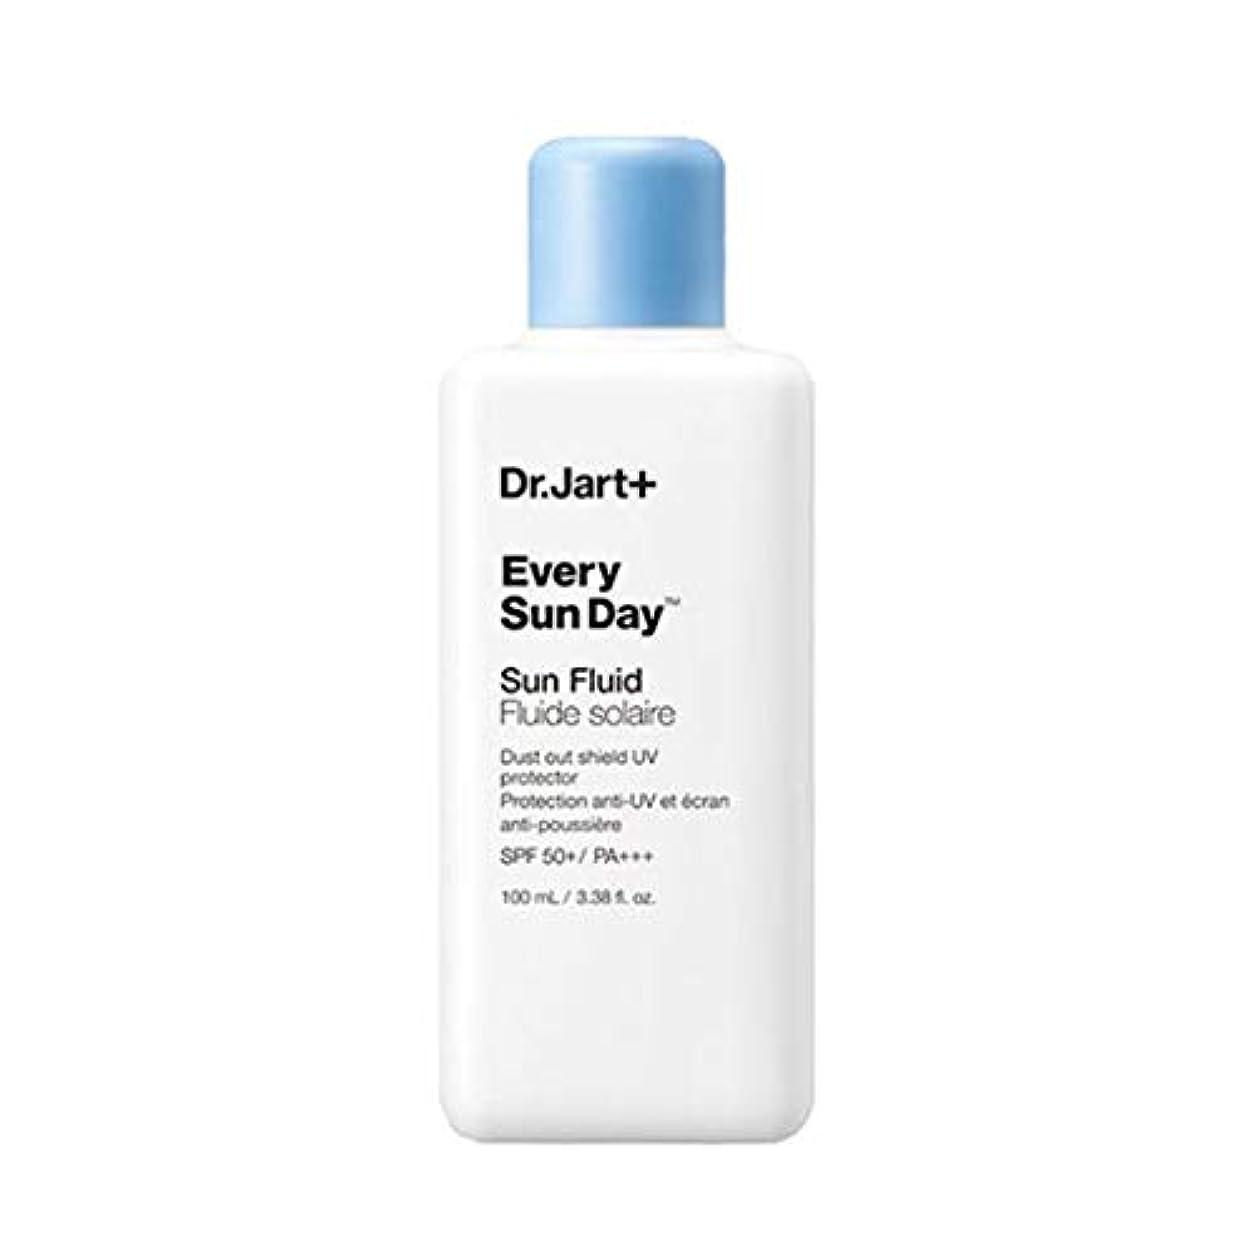 干し草是正する食品ドクタージャルトゥエヴリサンデーソンプルルイドゥSPF50+PA+++100mlソンクリム、Dr.Jart Every Sun Day Sun Fluid SPF50+ PA+++ 100ml Sun Cream [並行輸入品]